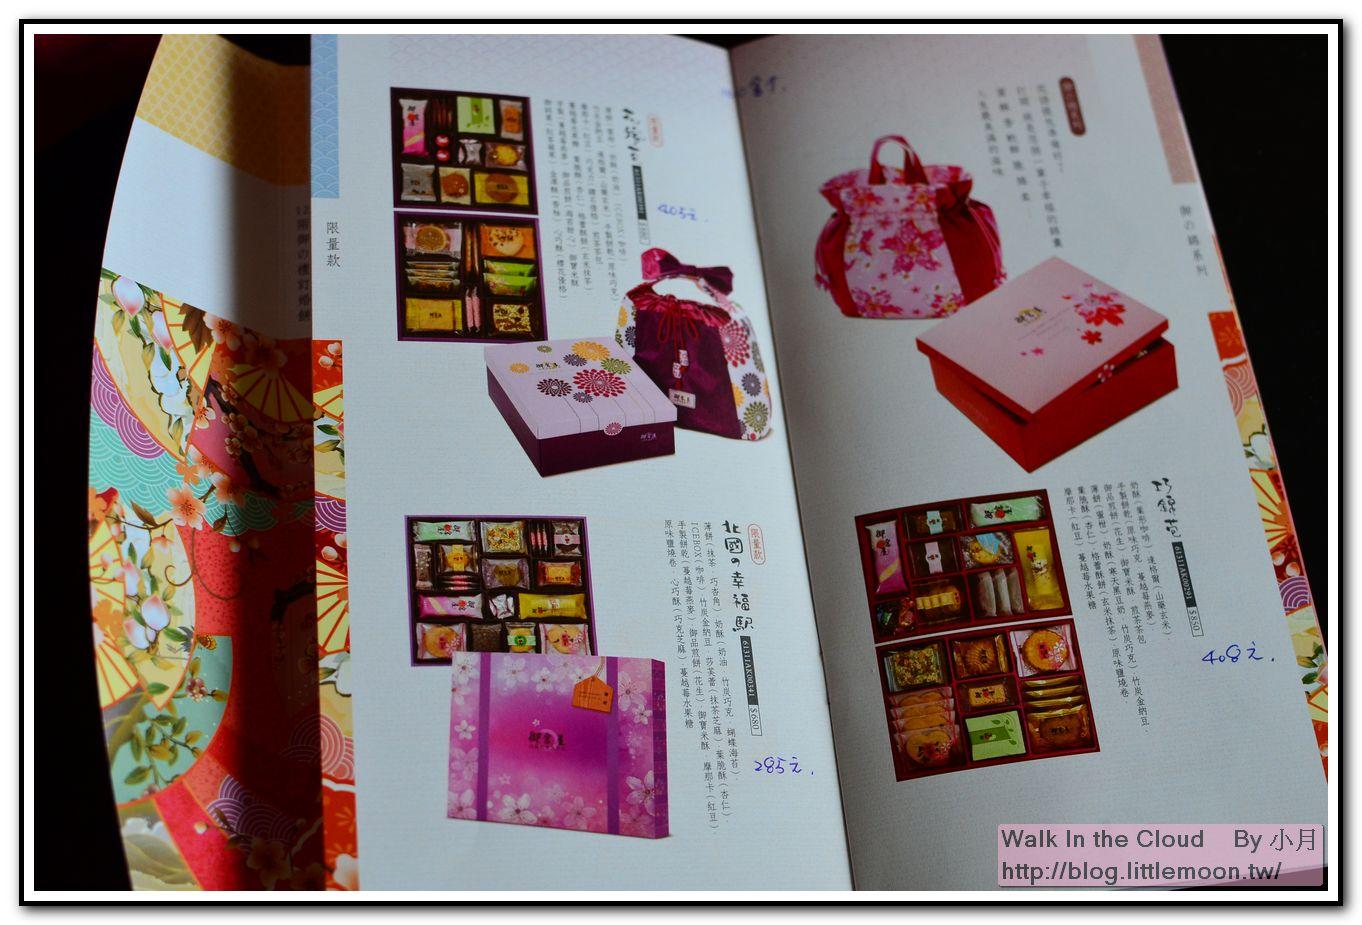 最喜歡的是左上角的包款,右上角的紅色包款也很不錯